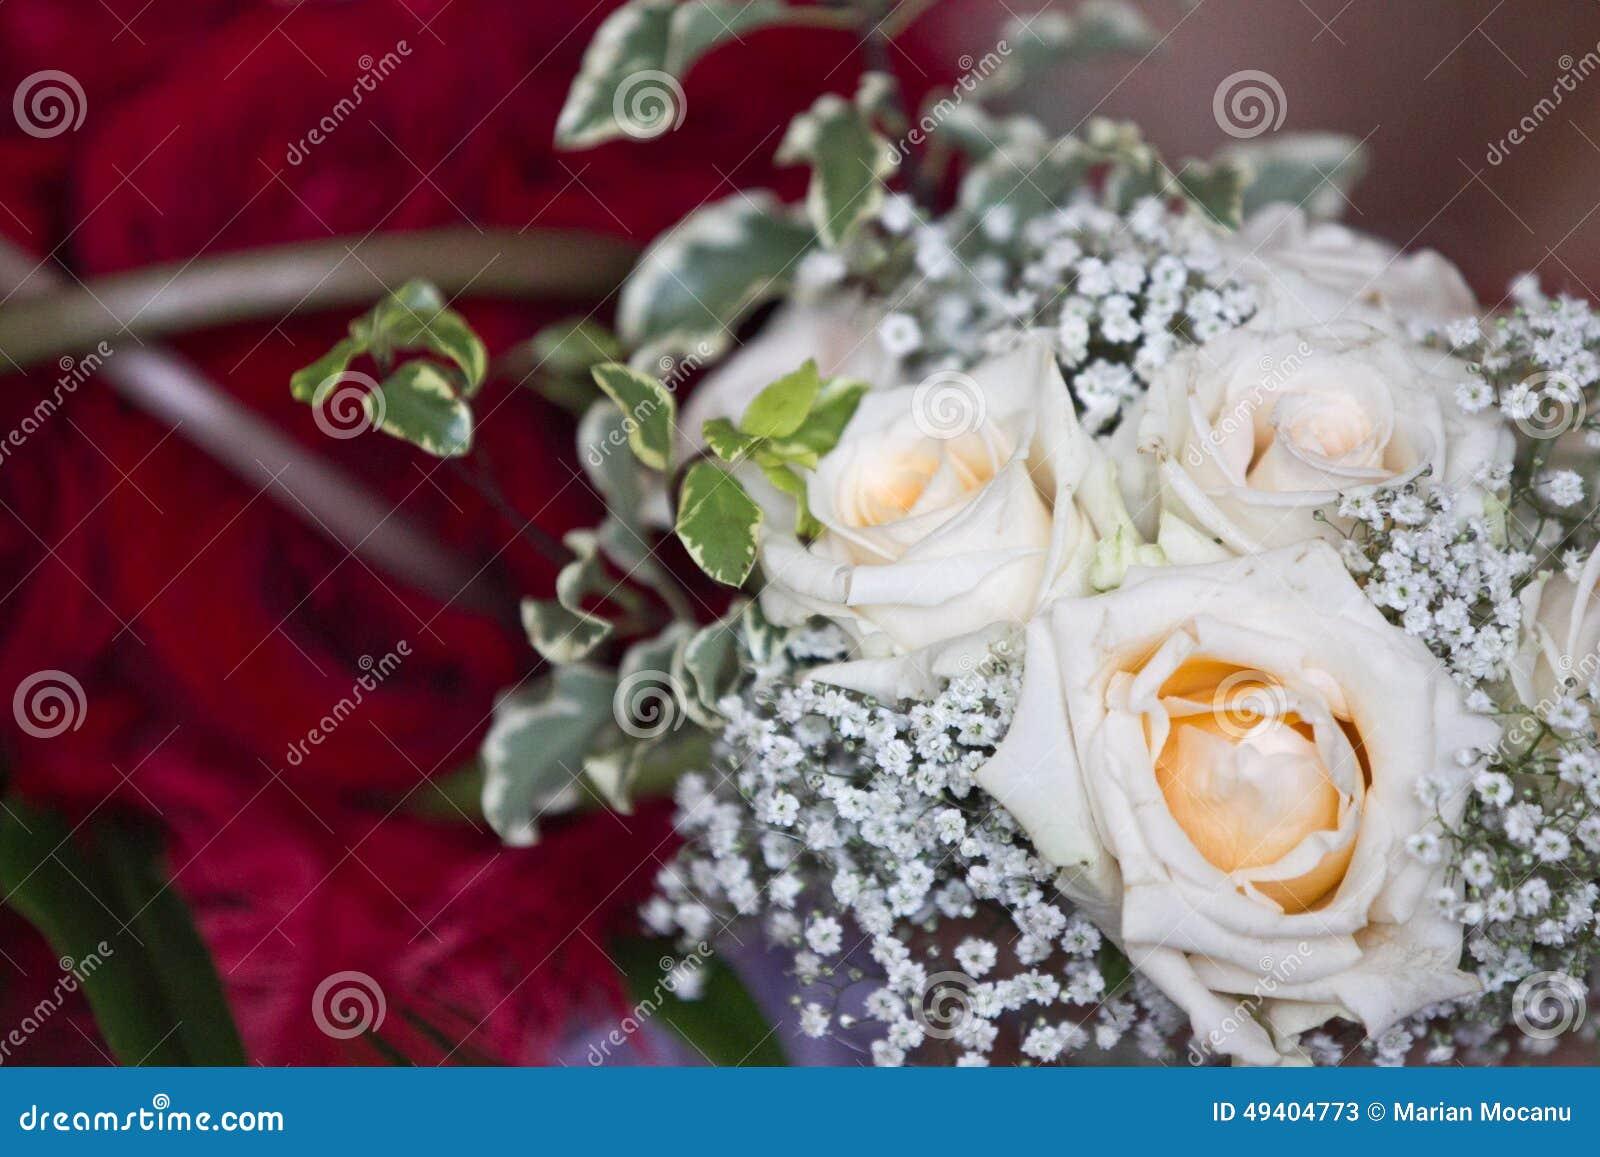 Download Blumen stockbild. Bild von blume, feier, einladung, blumen - 49404773